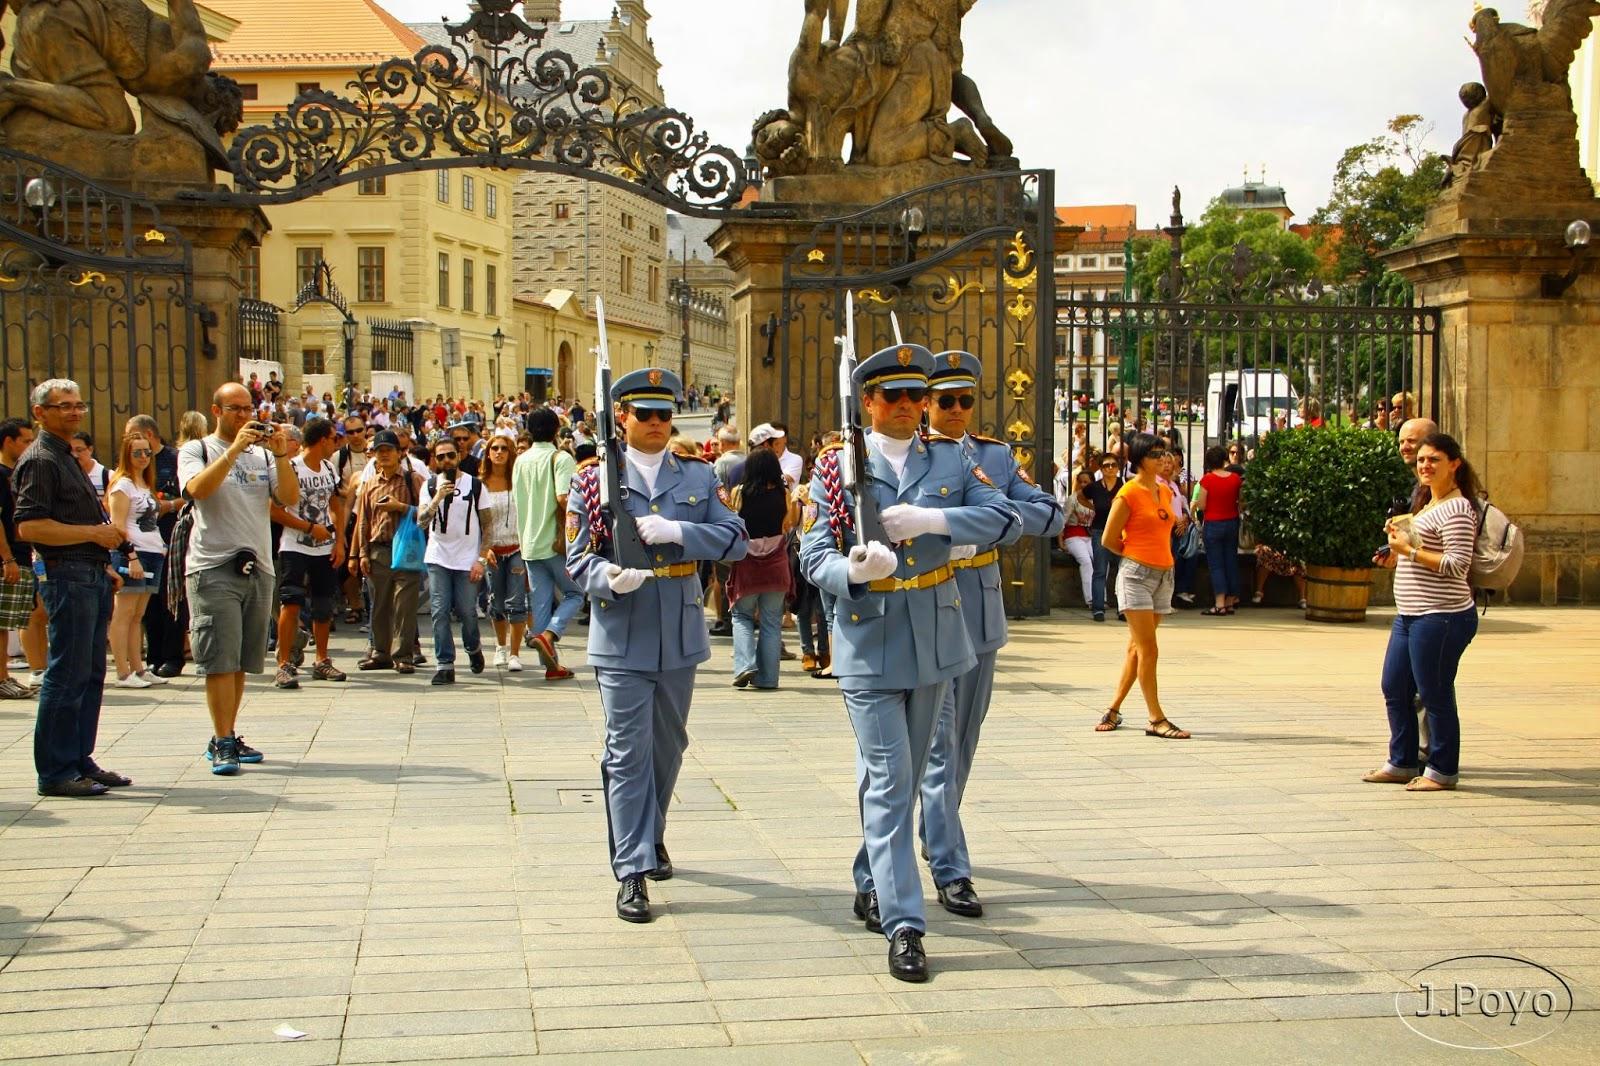 Cambio de guardia del Palacio Real de Praga